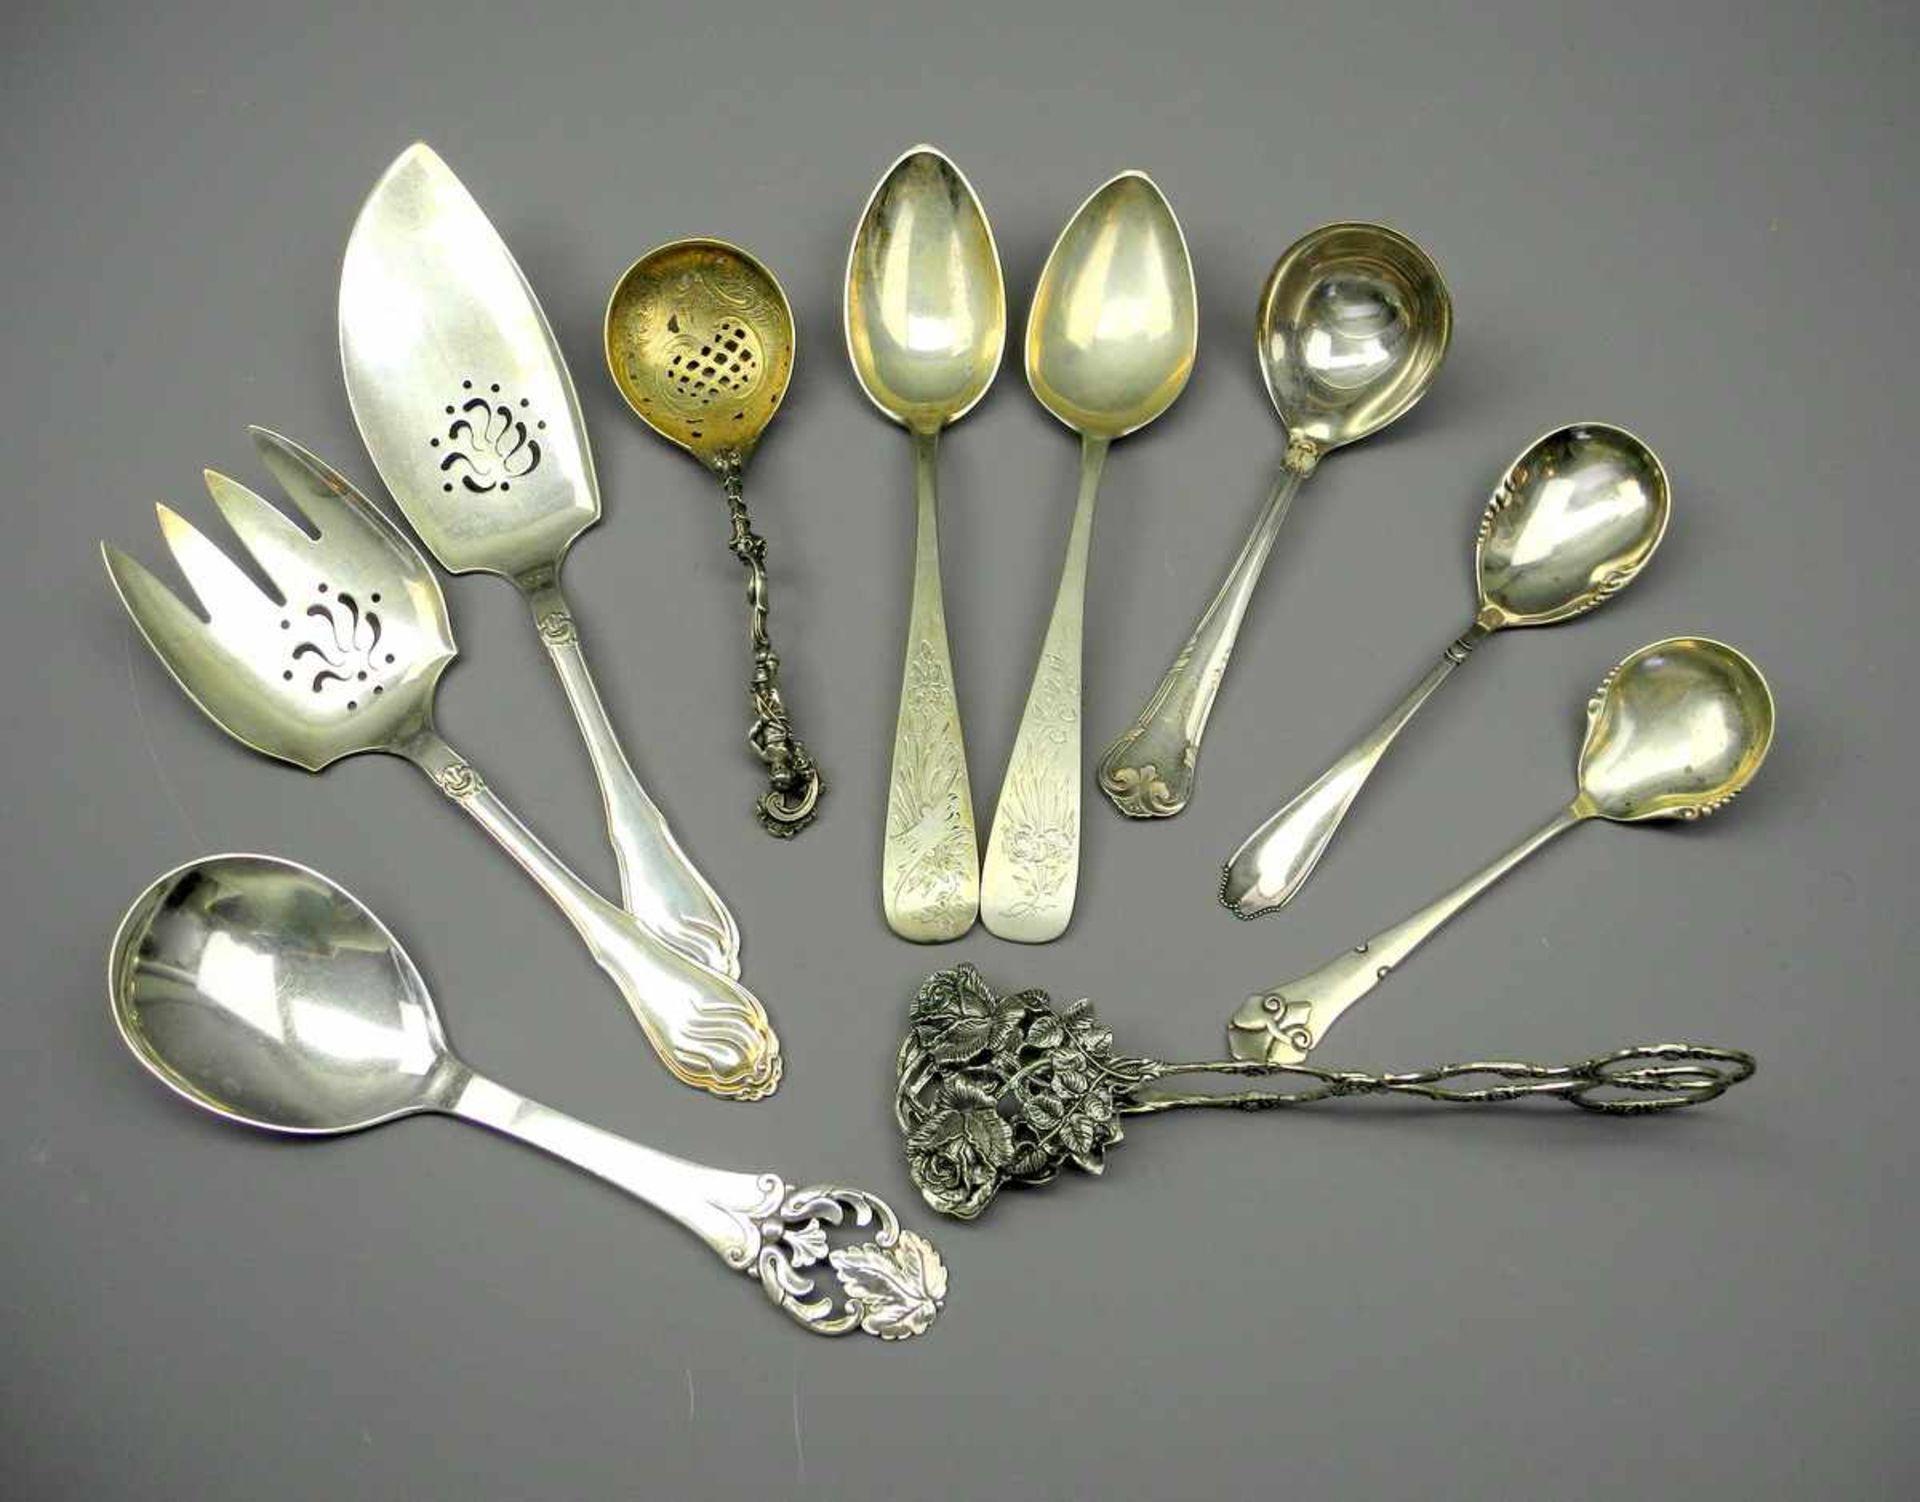 Los 51 - Konvolut von Silber-VorlegernSilber 800 - Silber 835, jeweils entsprechend punziert, hauptsächlich